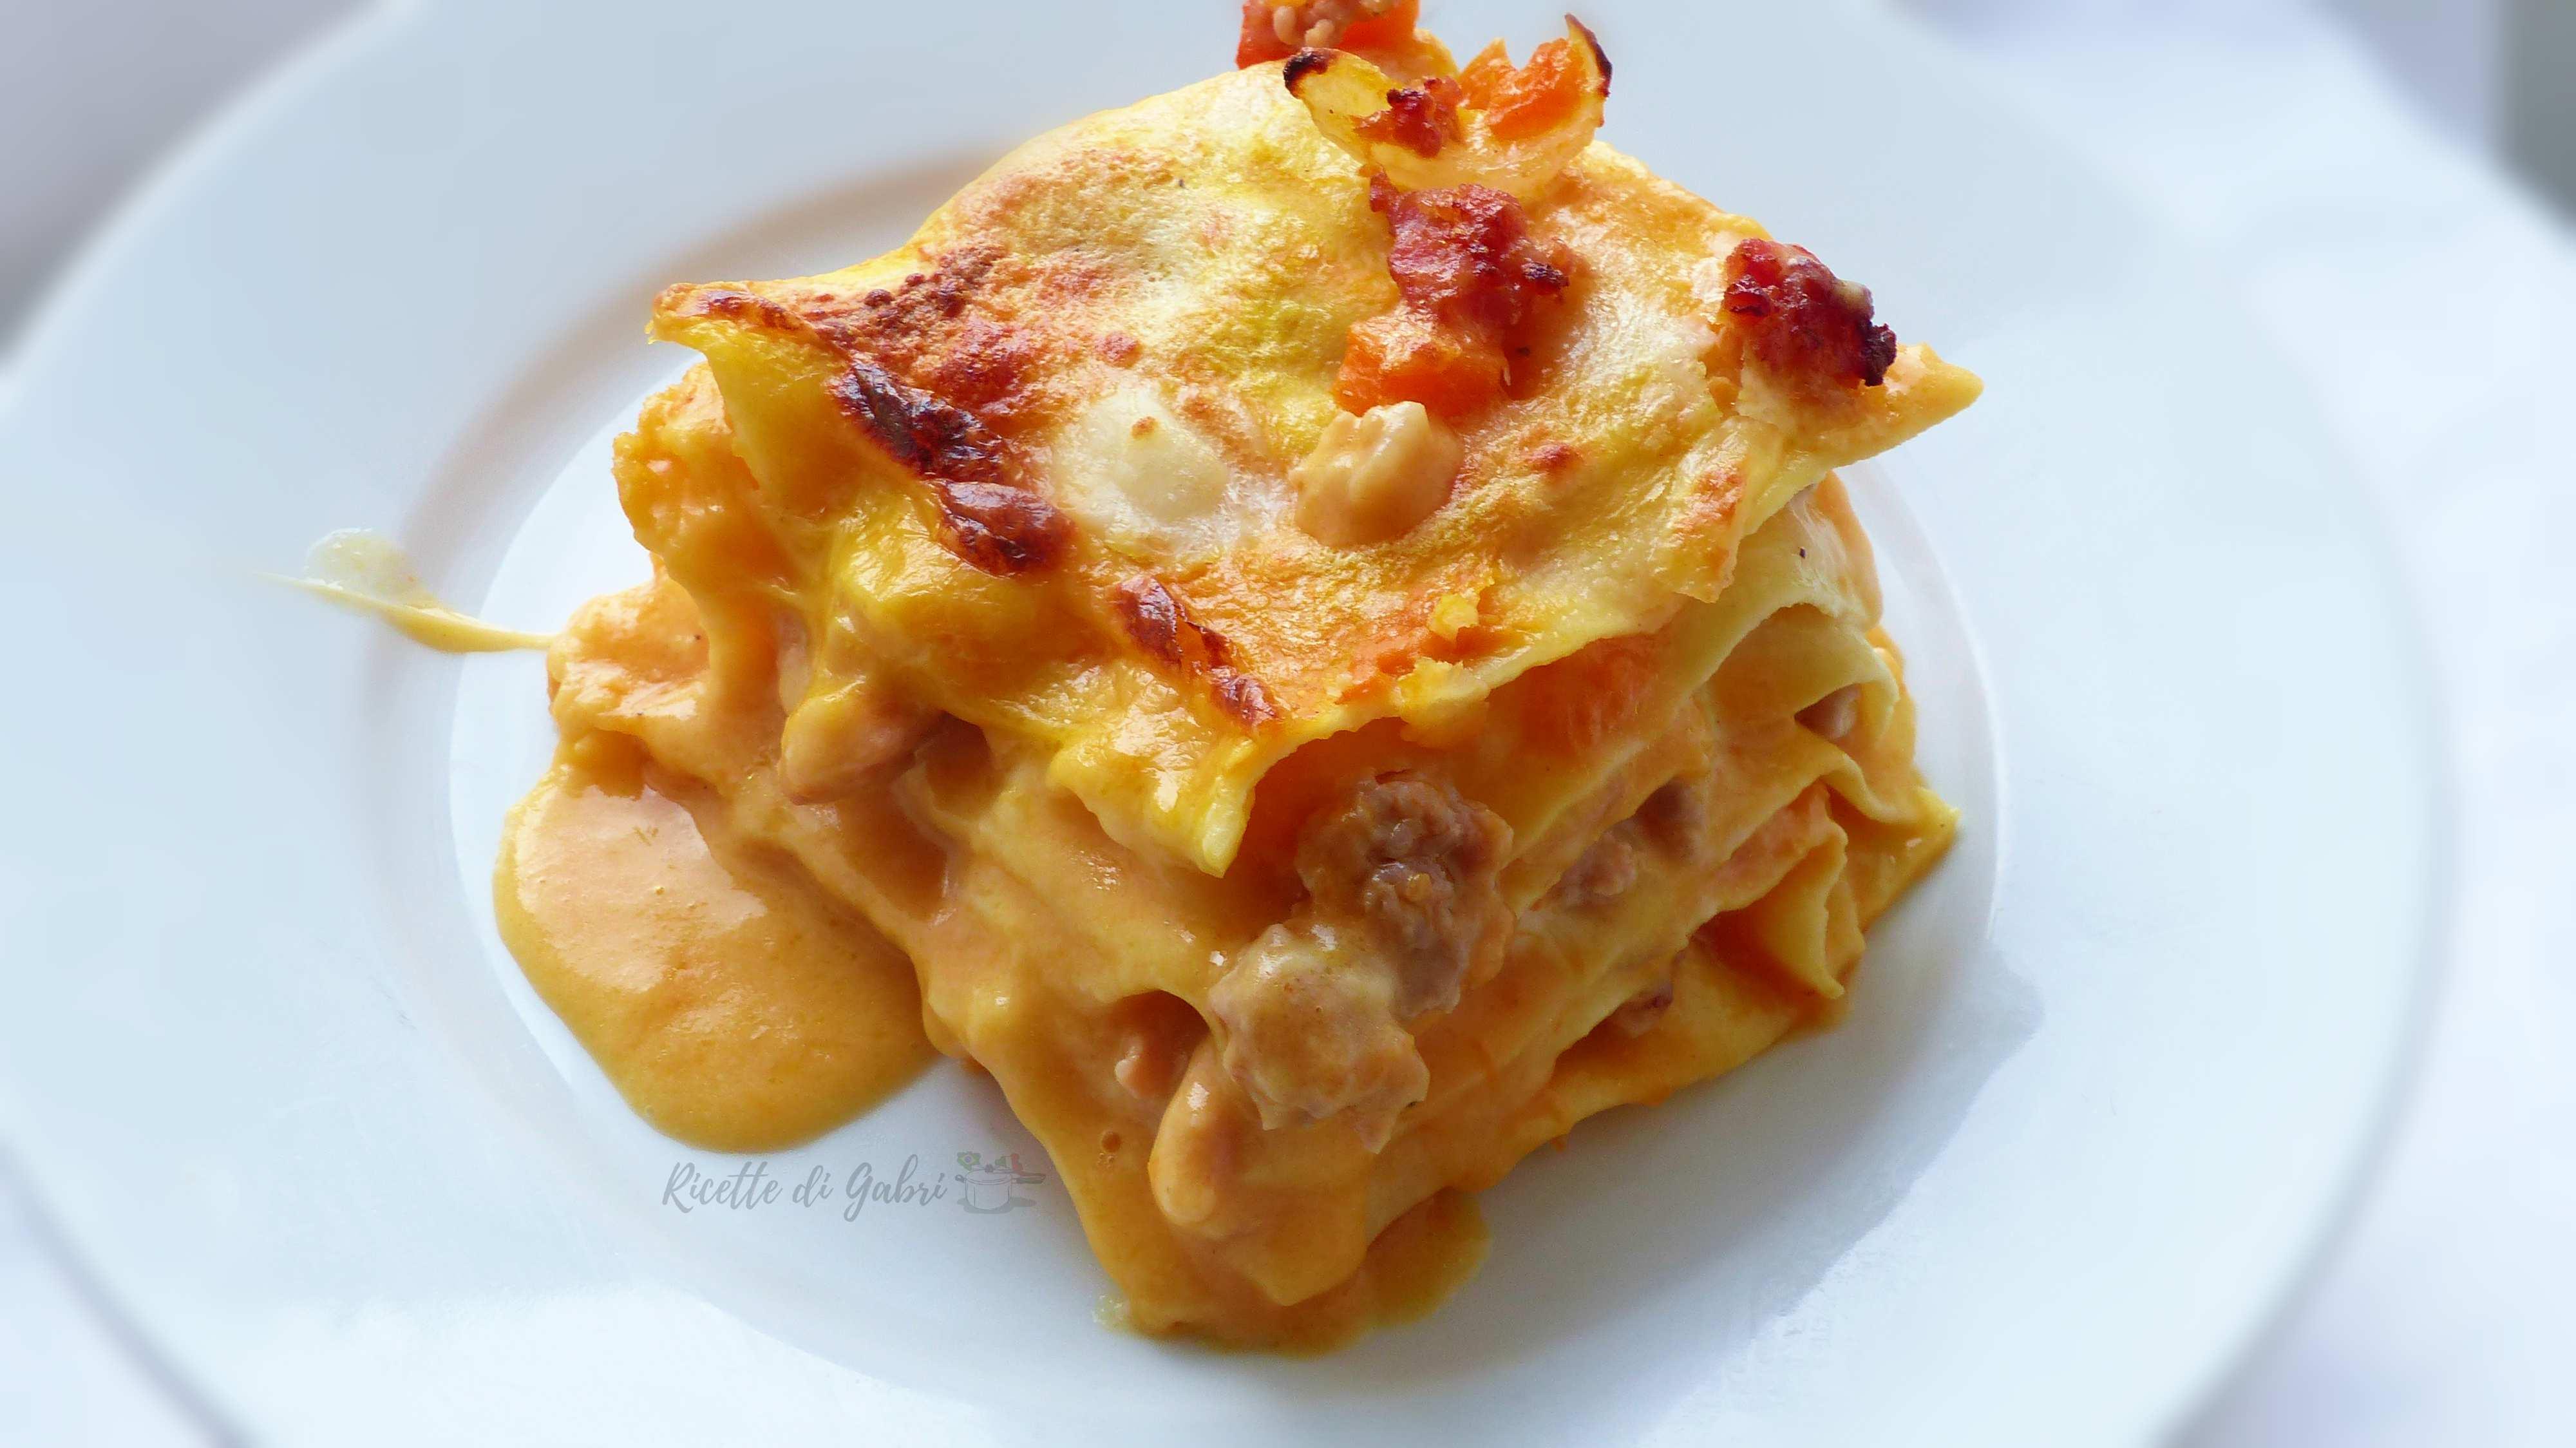 lasagna con zucca e salsiccia ricetta facile con besciamella veloce senza cuocere la sfoglia prima